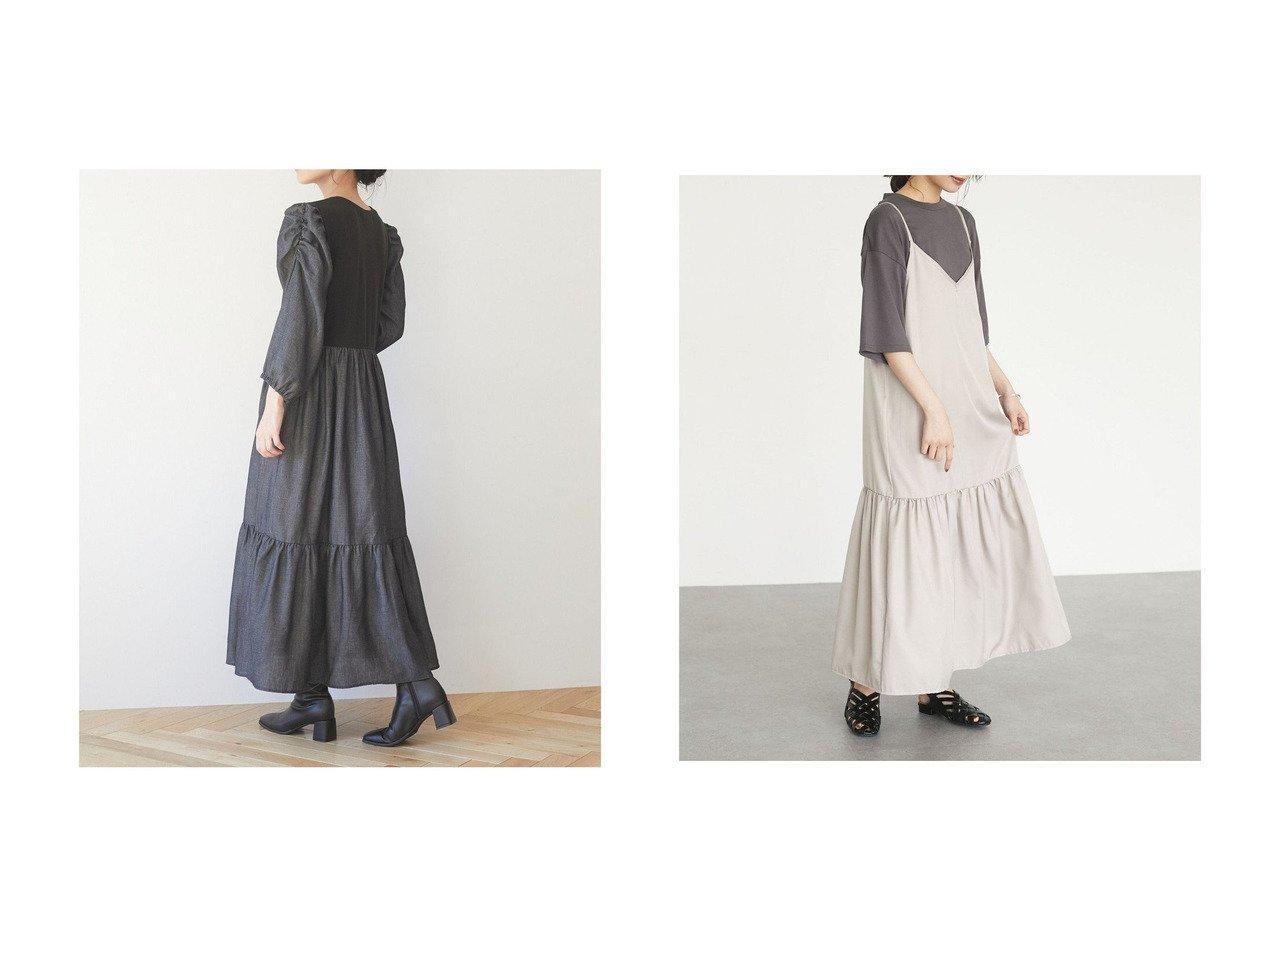 【Green Parks/グリーンパークス】の・ELENCARE DUE ドッキングデニムワンピ&・ELENCARE DUE SET2点 Tシャツ×ワンピ 【プチプライス・低価格】おすすめ!人気、トレンド・レディースファッションの通販 おすすめで人気の流行・トレンド、ファッションの通販商品 インテリア・家具・メンズファッション・キッズファッション・レディースファッション・服の通販 founy(ファニー) https://founy.com/ ファッション Fashion レディースファッション WOMEN ワンピース Dress 送料無料 Free Shipping ガーリー デニム ドッキング 今季 インナー キャミワンピース リラックス |ID:crp329100000067504